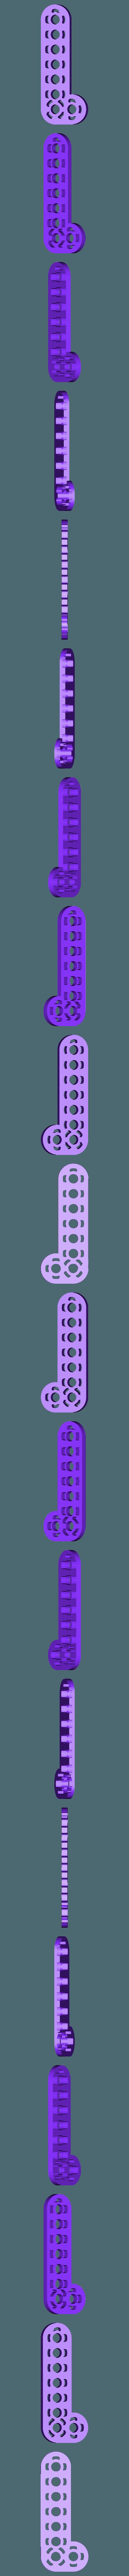 L_2_7.STL Télécharger fichier STL gratuit MEGA Expansion 200+ Pièces • Plan à imprimer en 3D, Pwentey